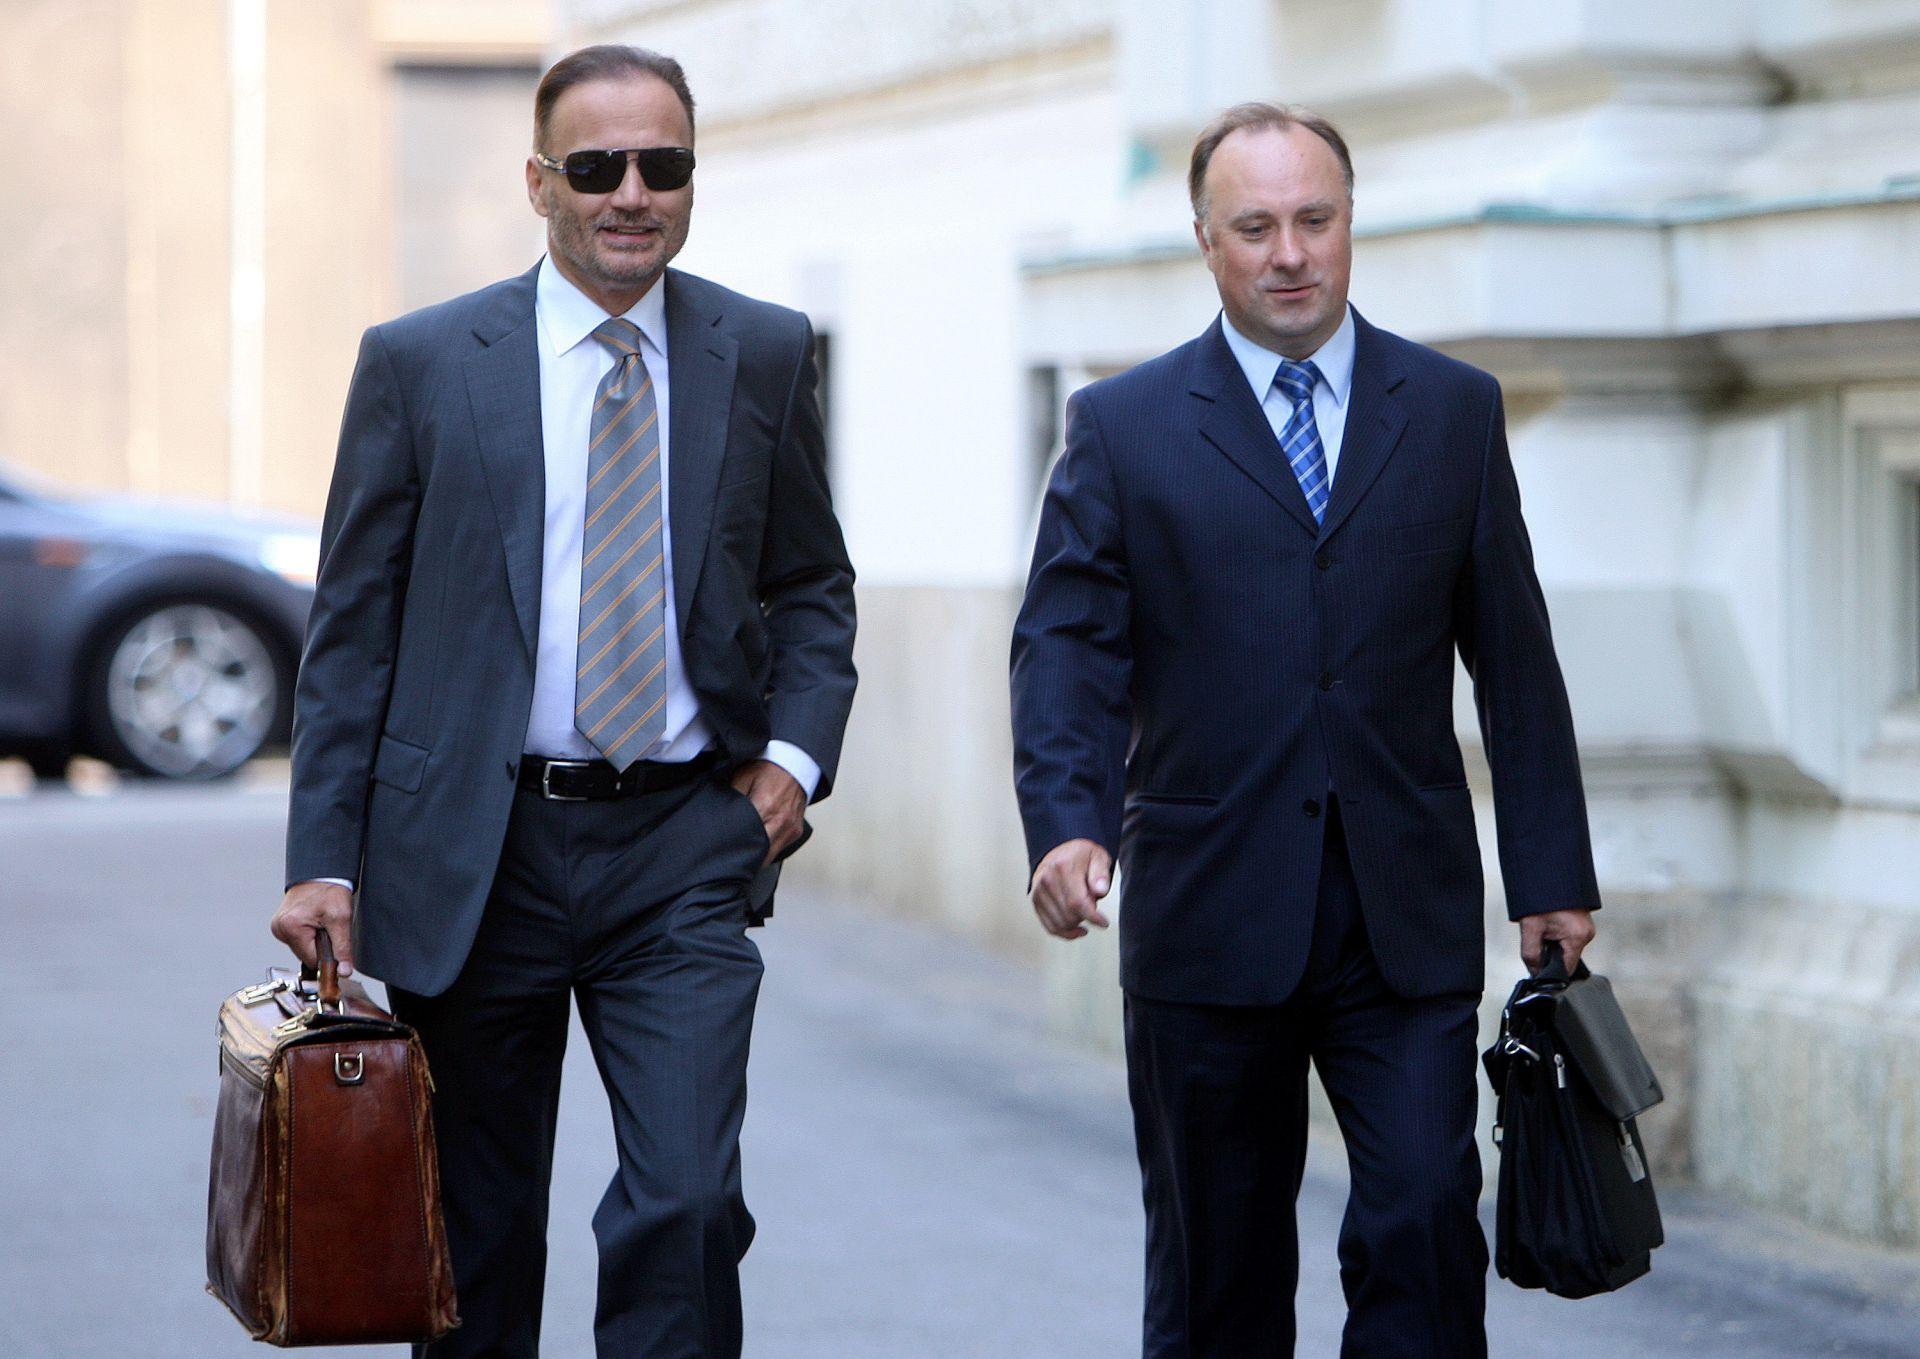 POLANČECOV ODVJETNIK: Uskok nije dokazao ni jednu tvrdnju iz optužnice u slučaju Spice